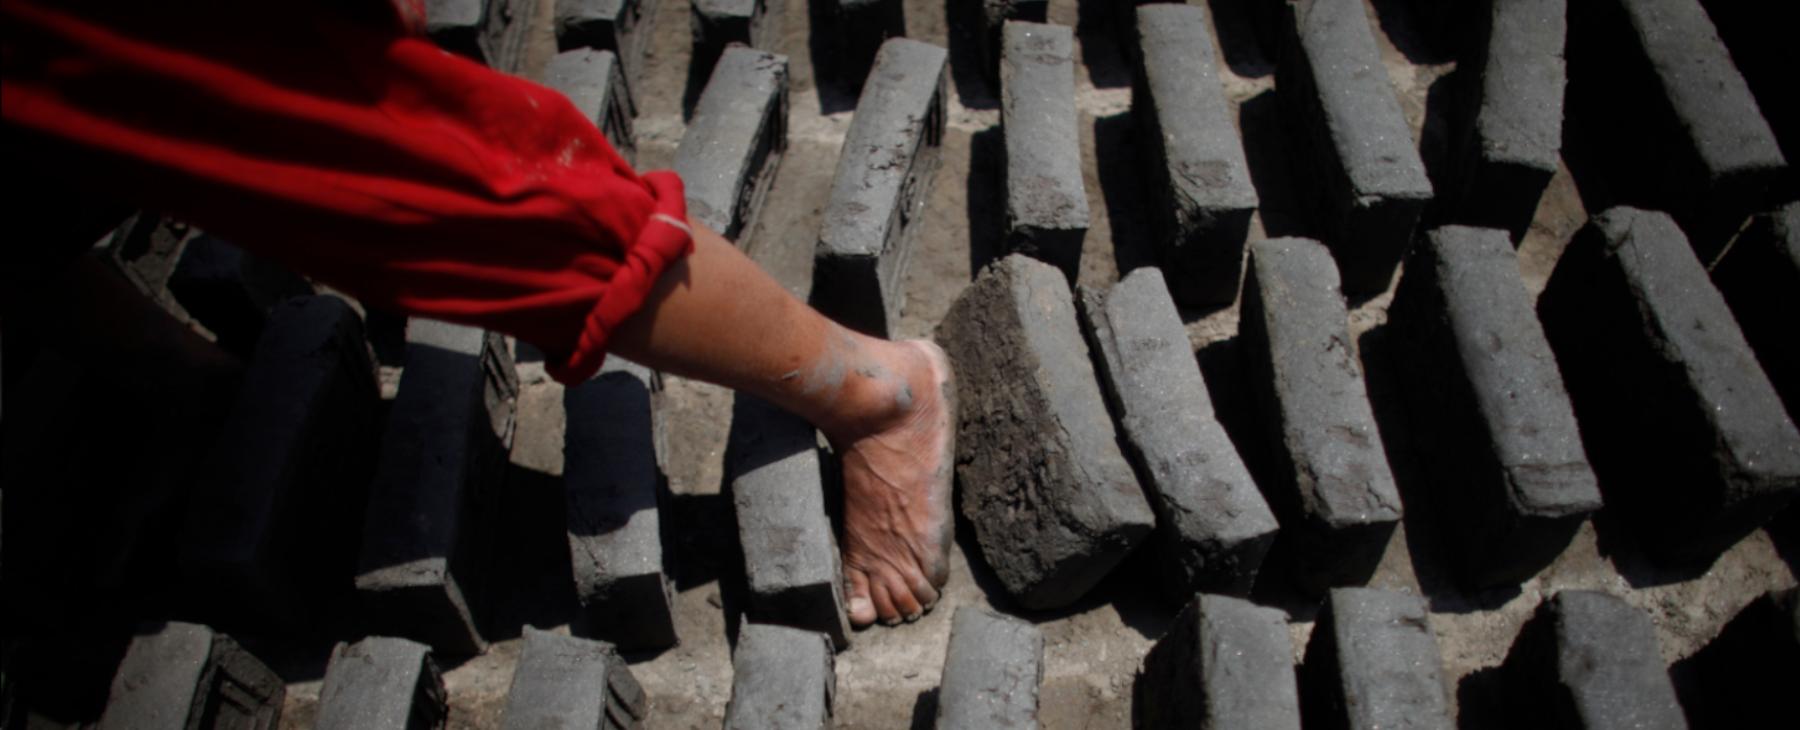 Enrôlée dans son enfance, violée à l'adolescence : une victime népalaise demande justice devant l'ONU